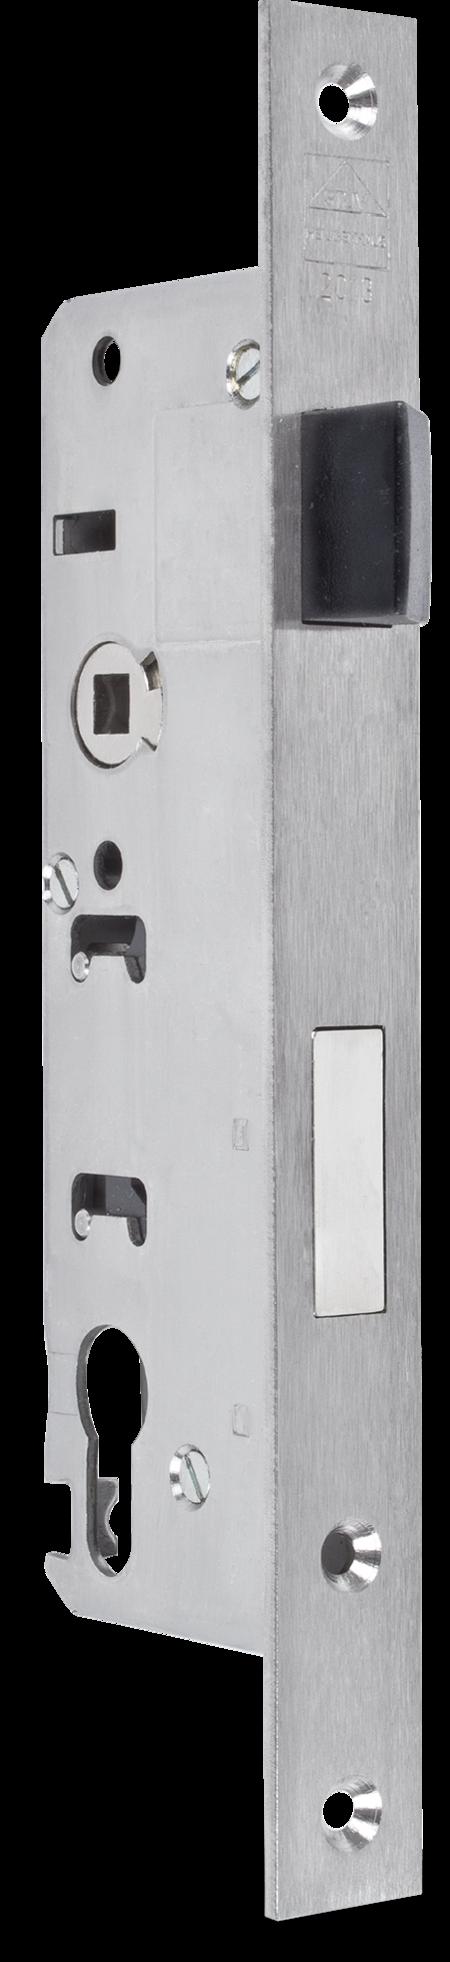 Einsteckschloss Edelstahl mit Wechsel Dornmaß 40 mm, Entfernung 92 mm Falle Gliss-Coat beschichtet, bündig, Ausschluss 20 mm, DIN links